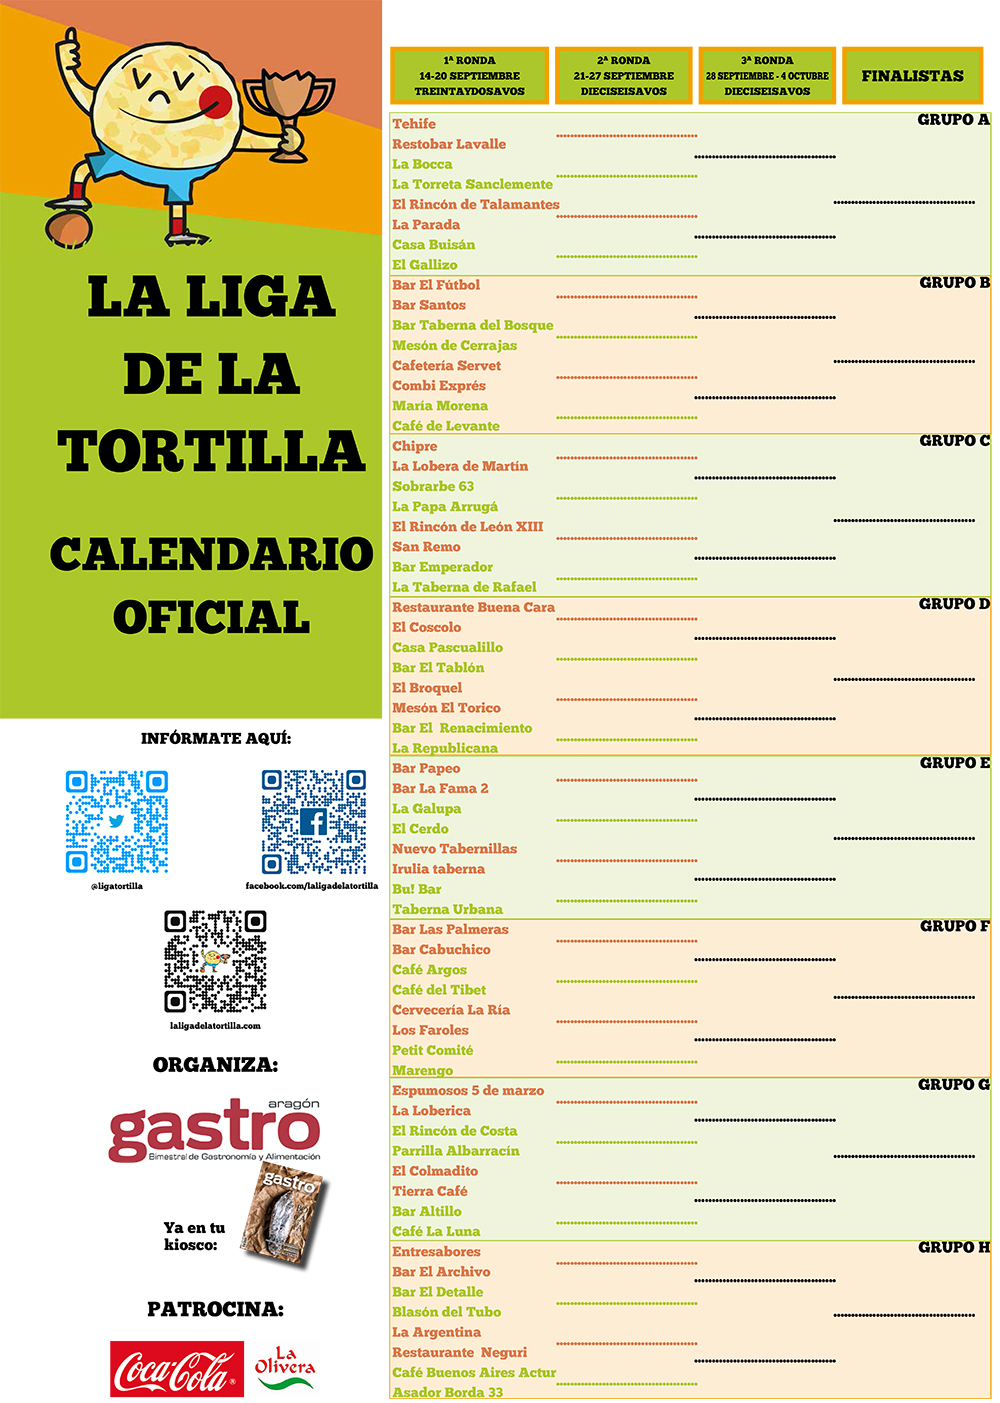 Cartel-Calendario-A2-vertical